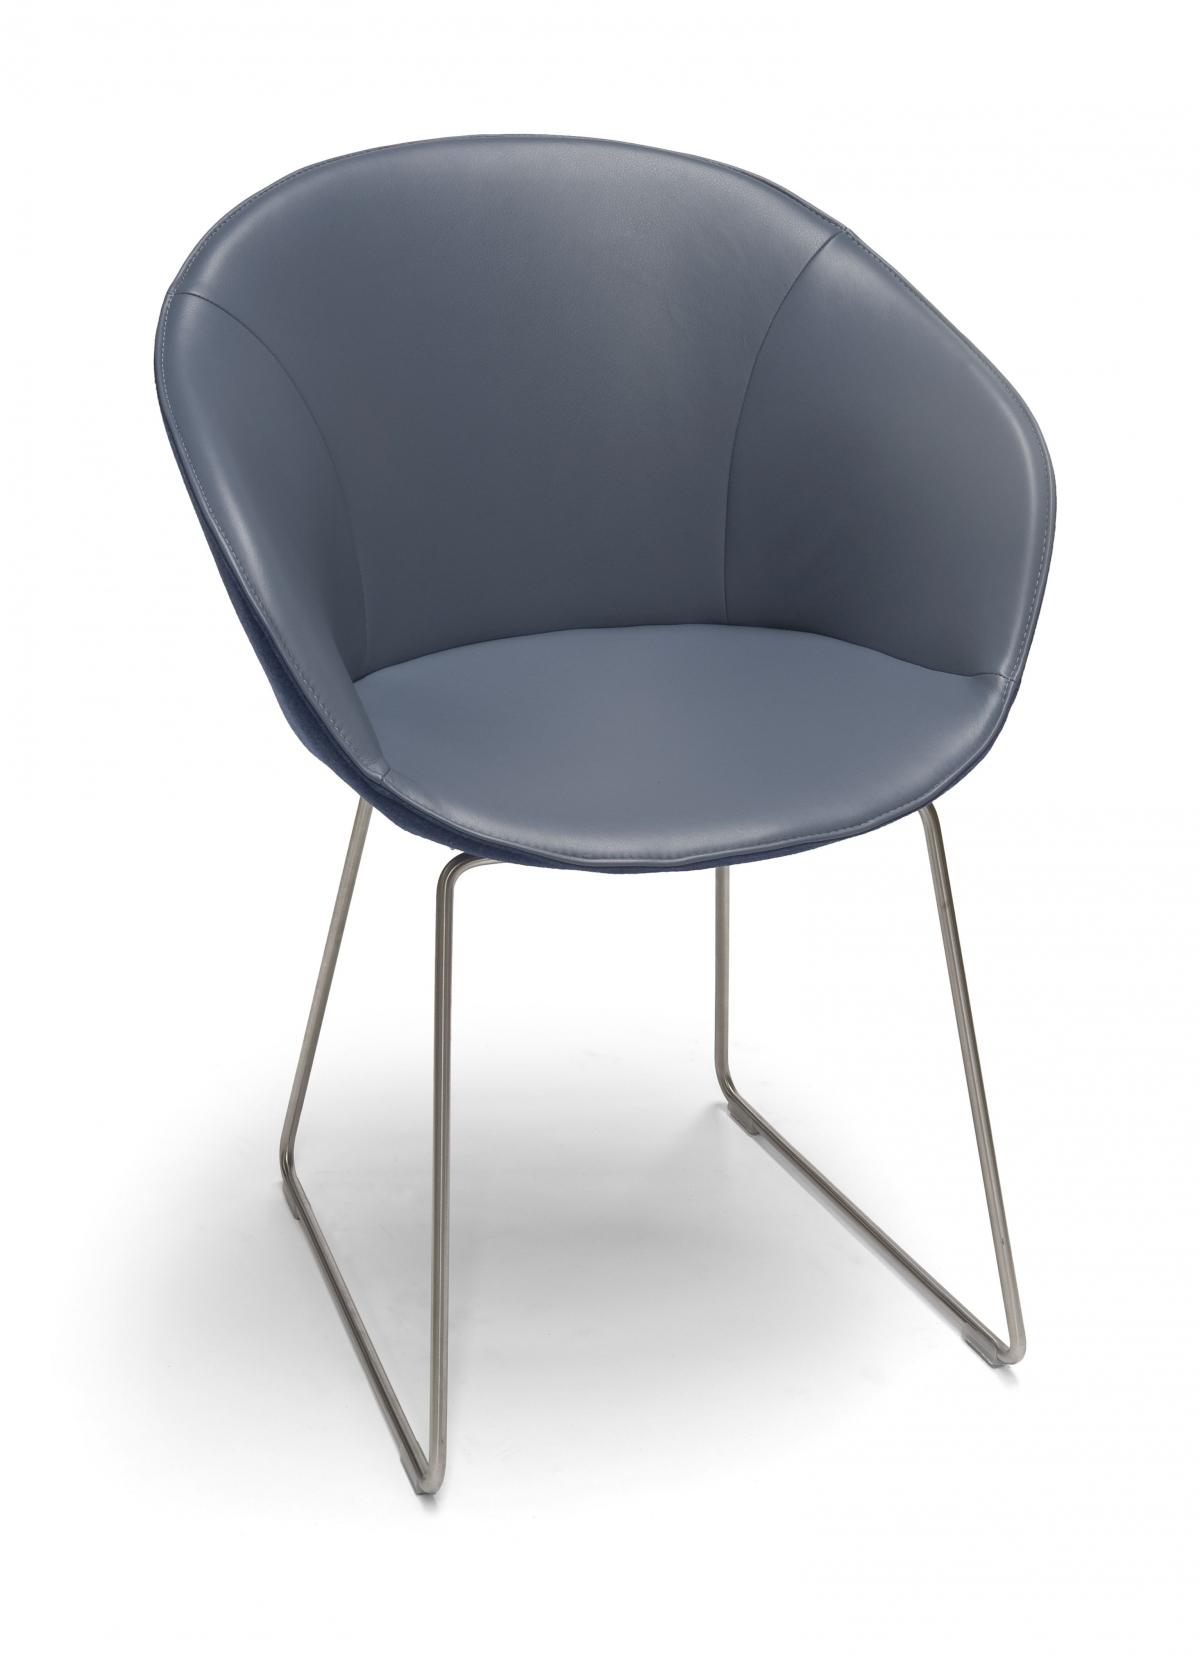 Dolce eetkamerstoel met armleuning Hulshoff Design